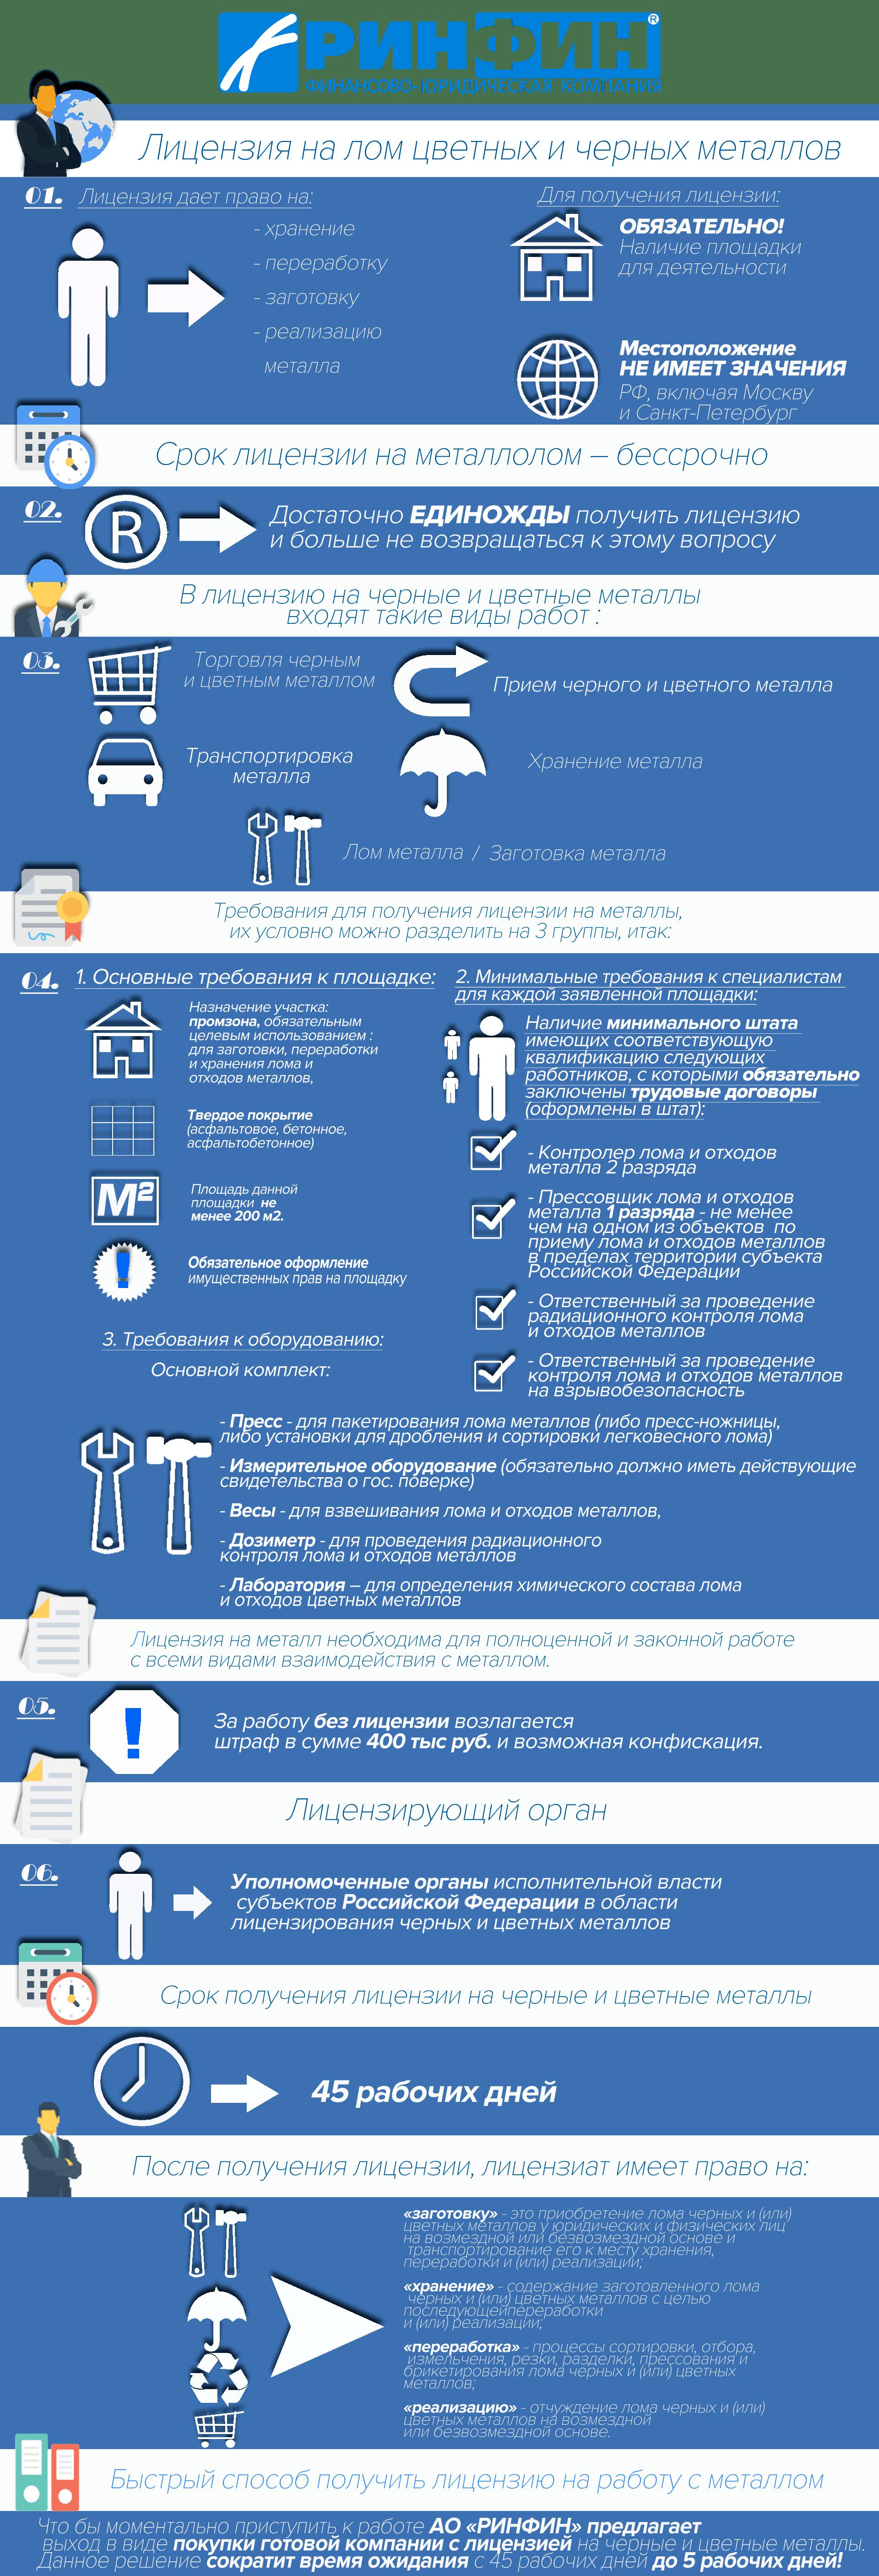 Этапы получения лицензии на лом металлов.